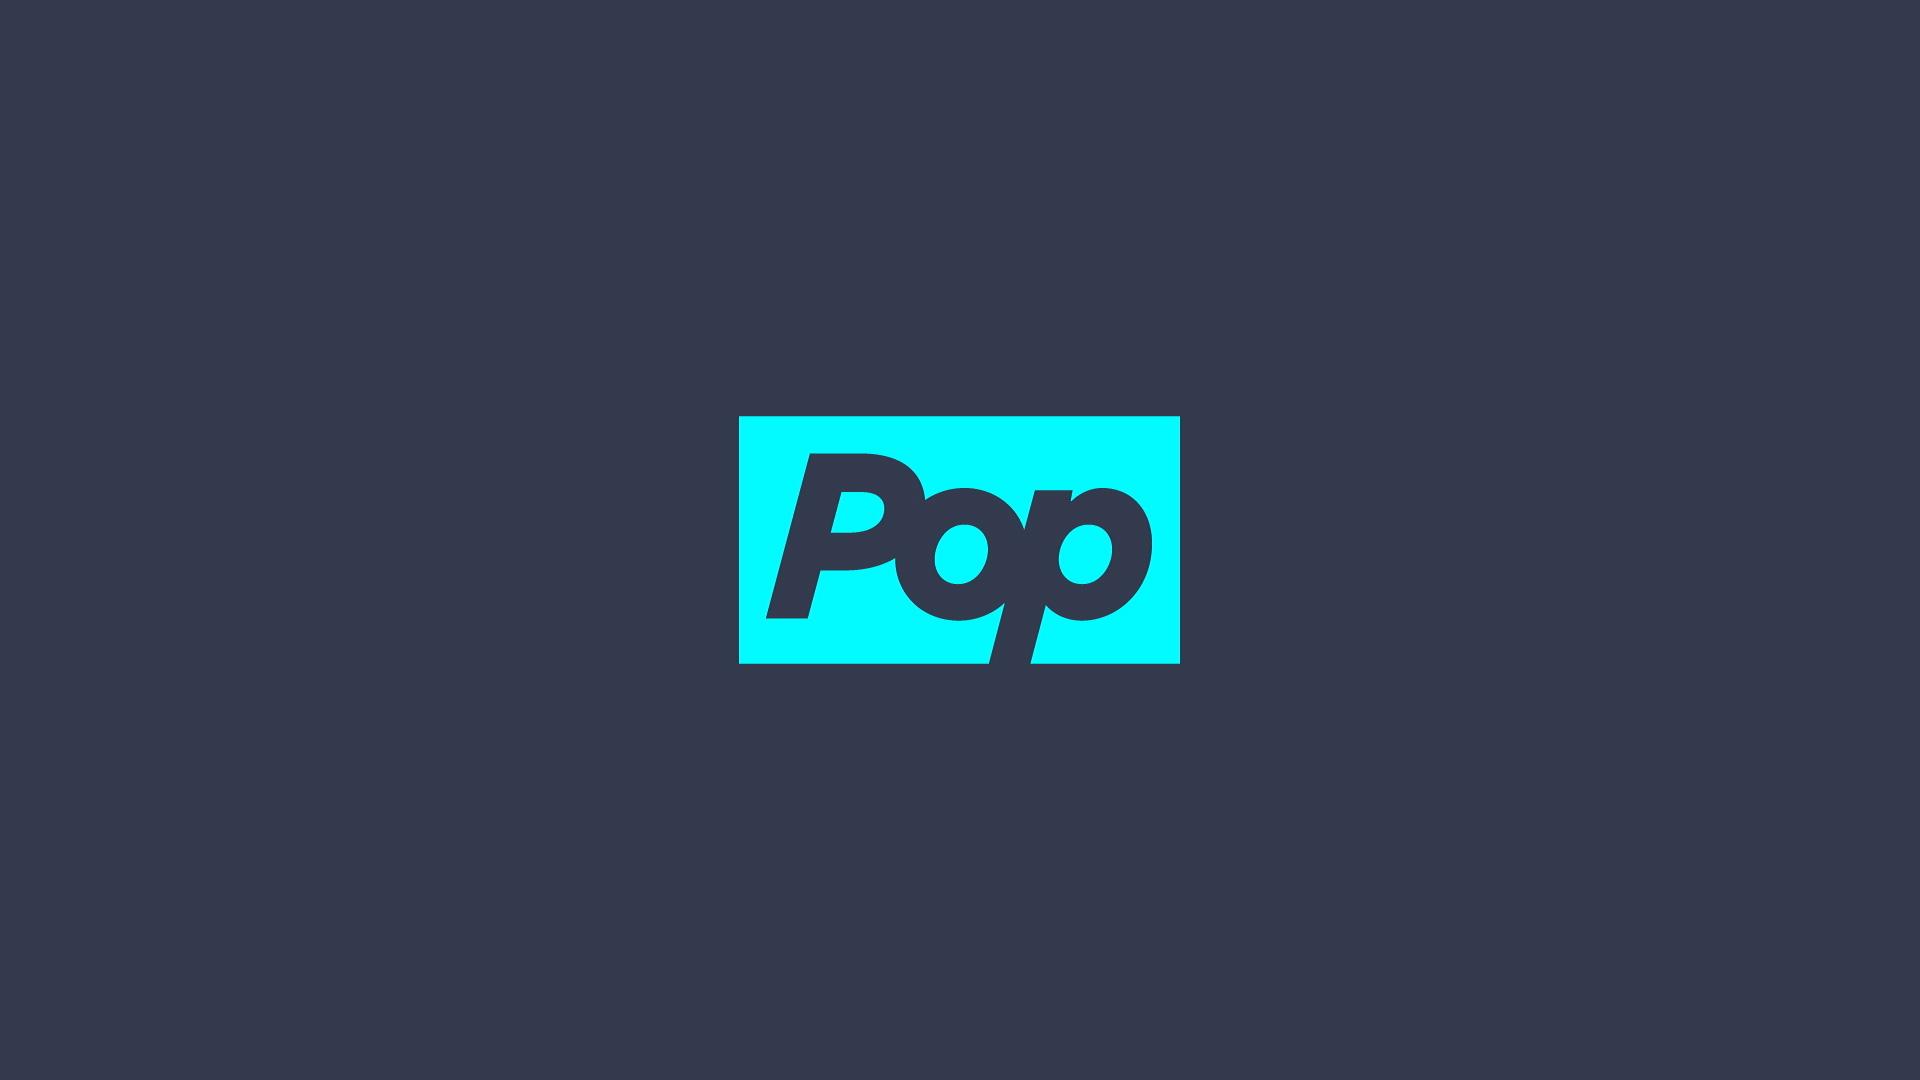 BIRDCAGE_Pop_02.jpg